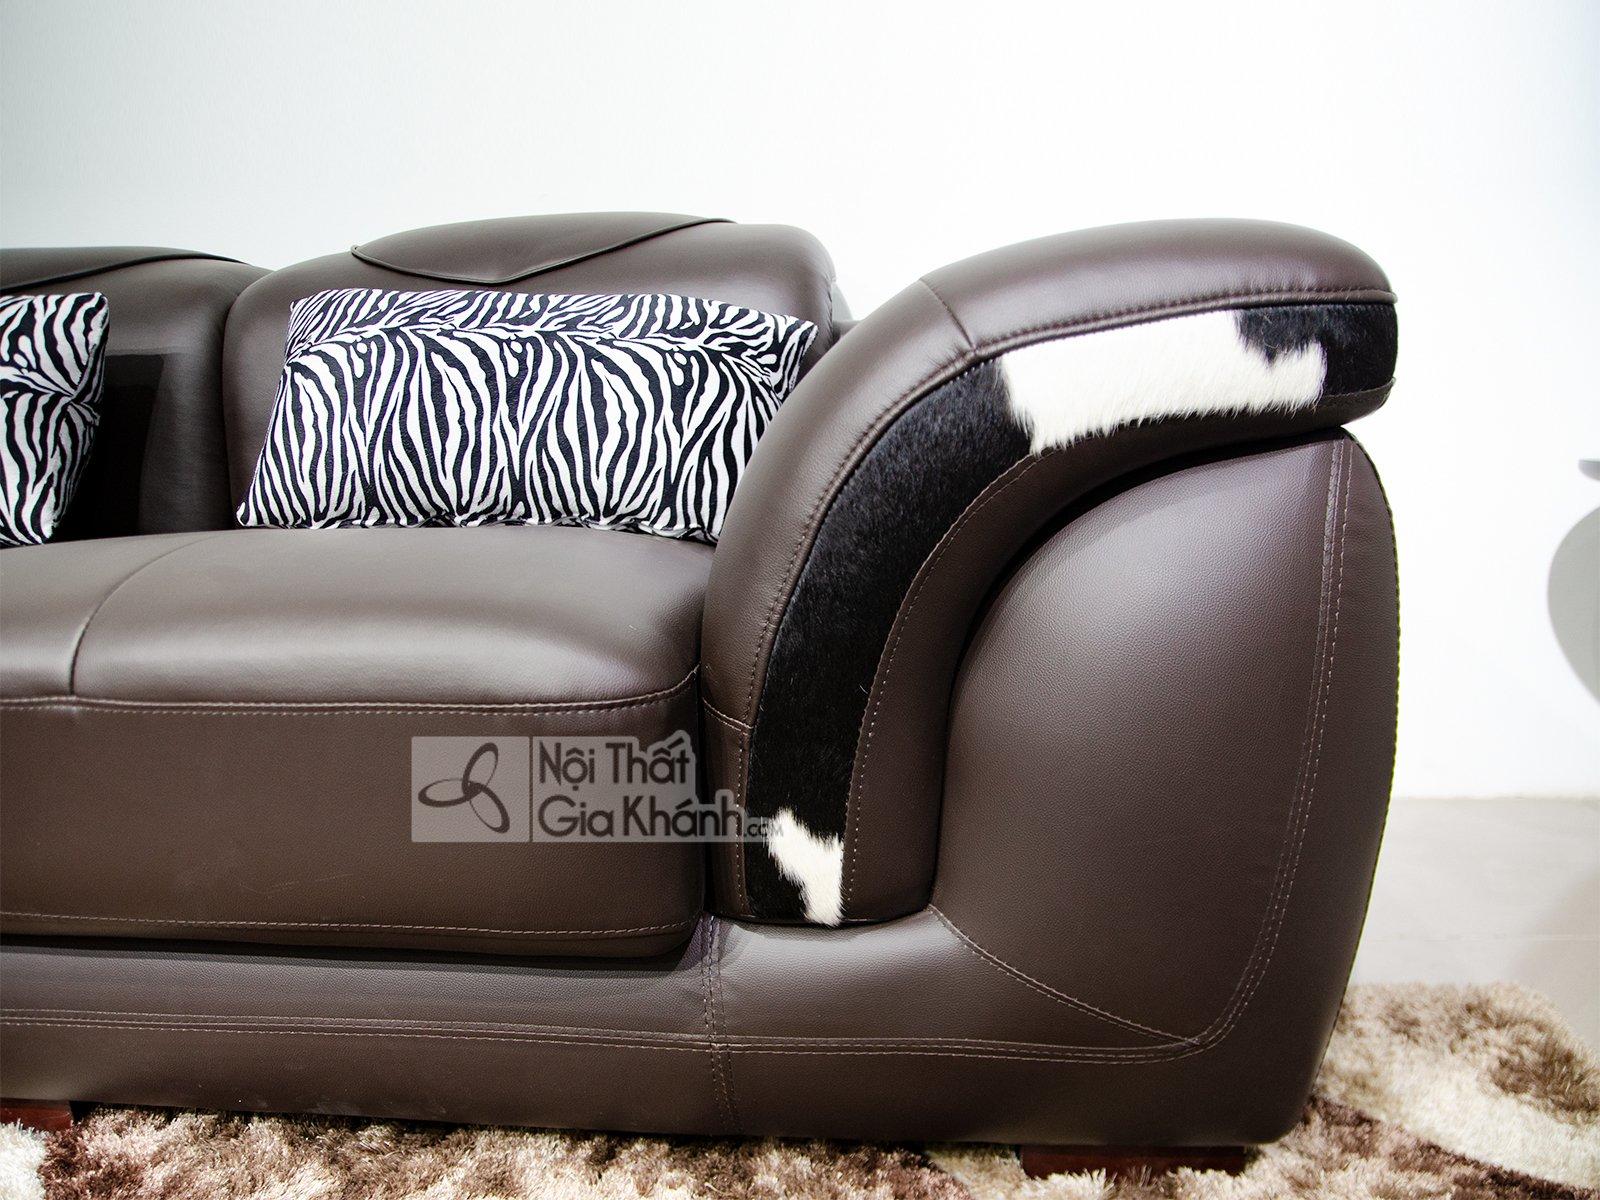 sofa da nau cafe 2 bang goc trai 9193n sf - Sofa da hiện đại cho phòng khách SP0919-2-A1